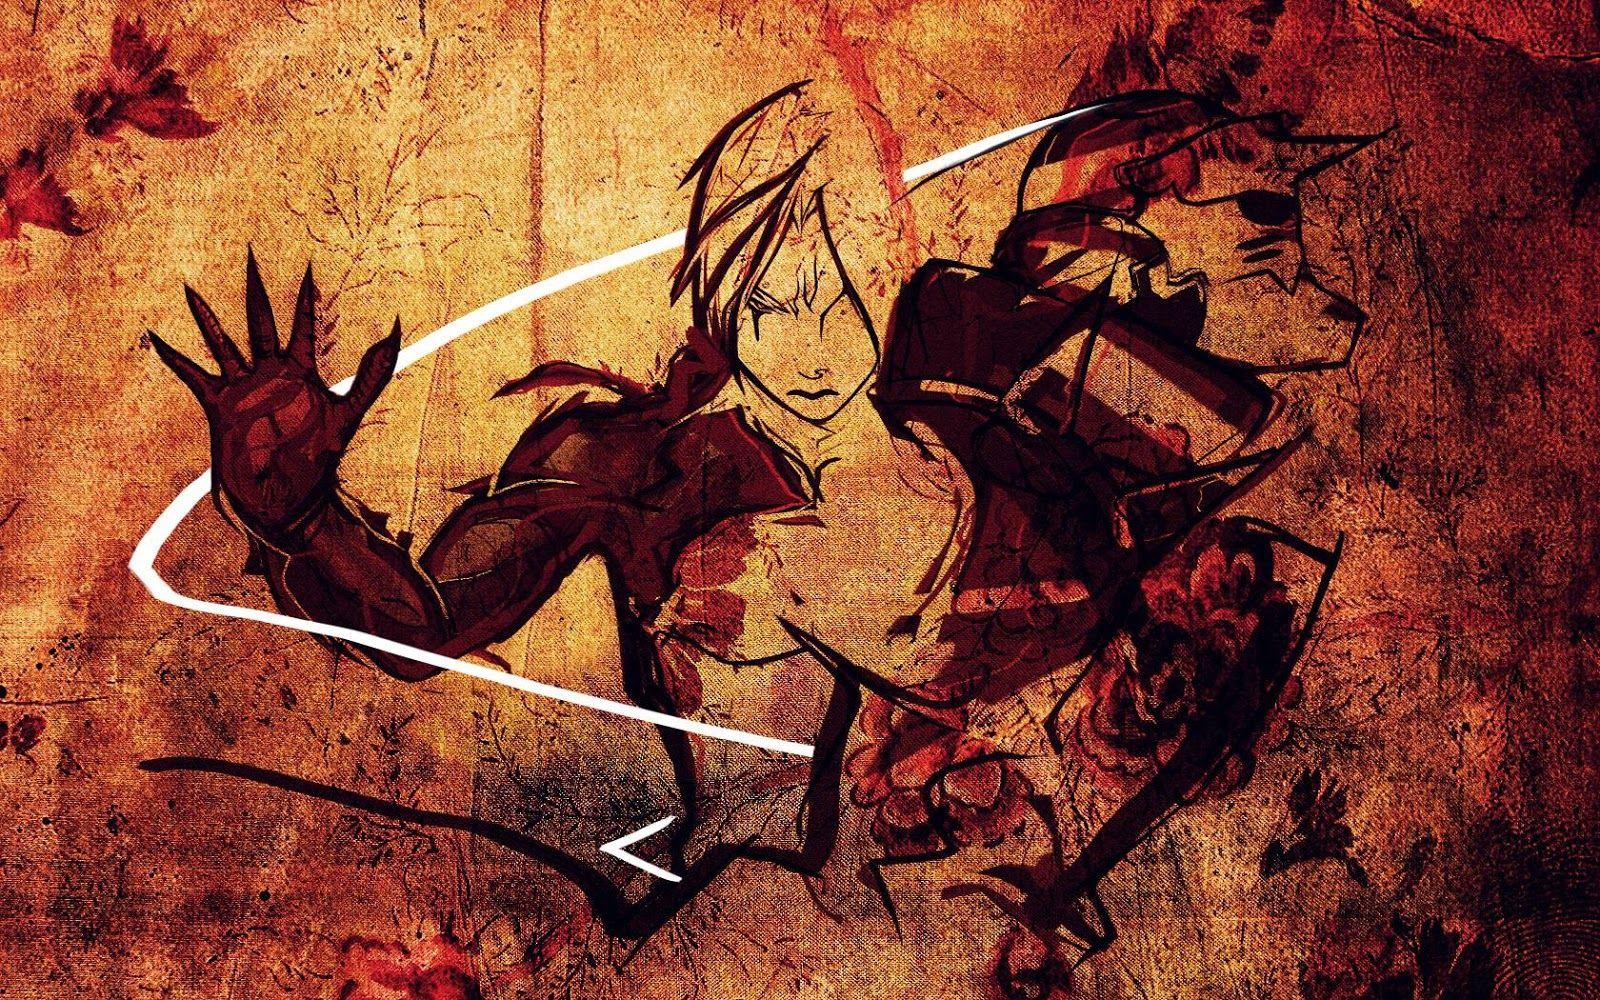 Fma Brotherhood Wallpaper Hd Pc Fullmetal Alchemist